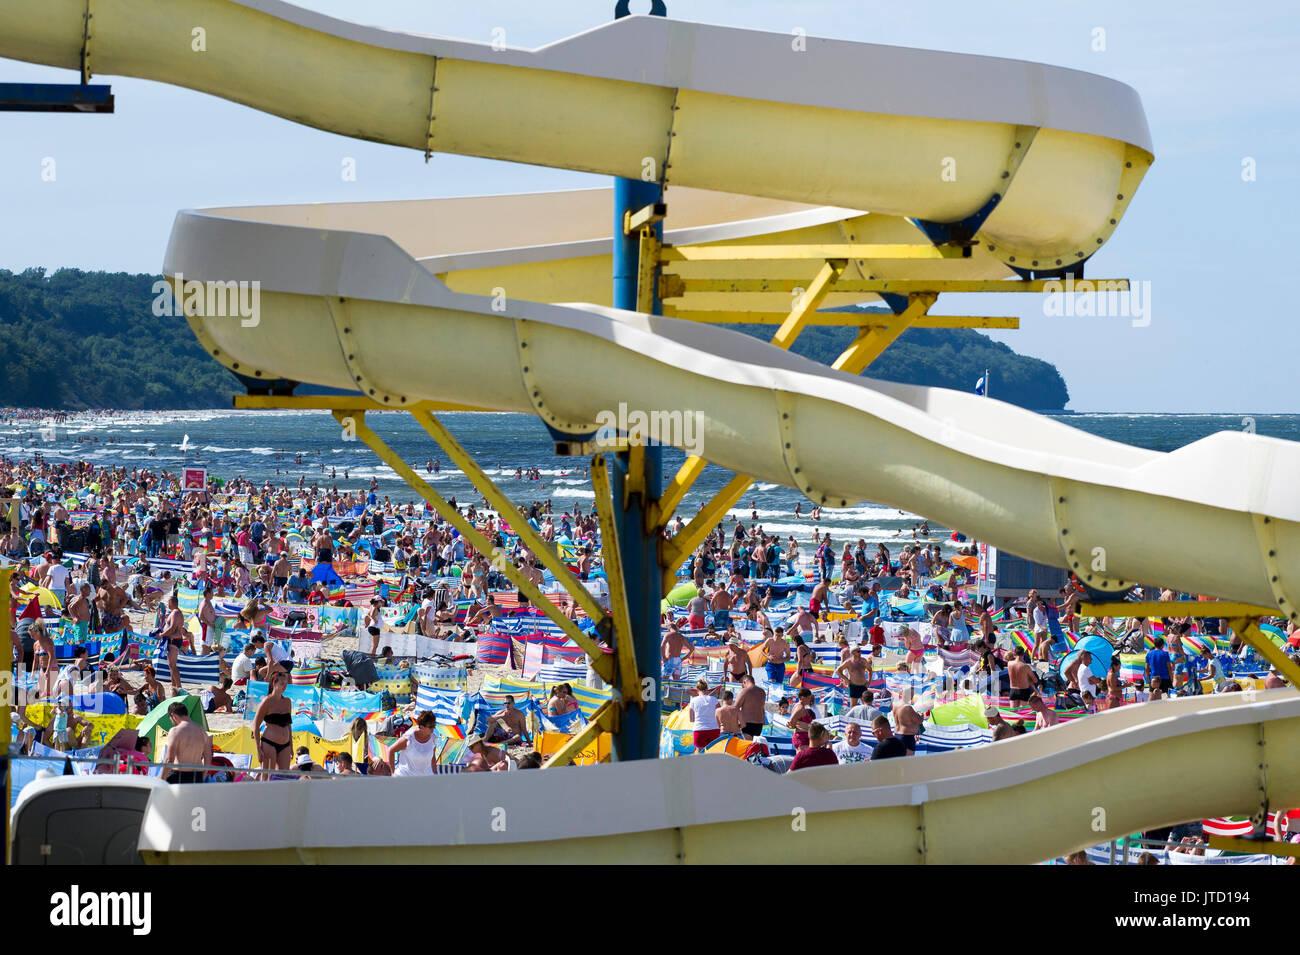 Hot day on a crowded beach in Wladyslawowo, Poland 5th August 2017 © Wojciech Strozyk / Alamy Stock Photos - Stock Image